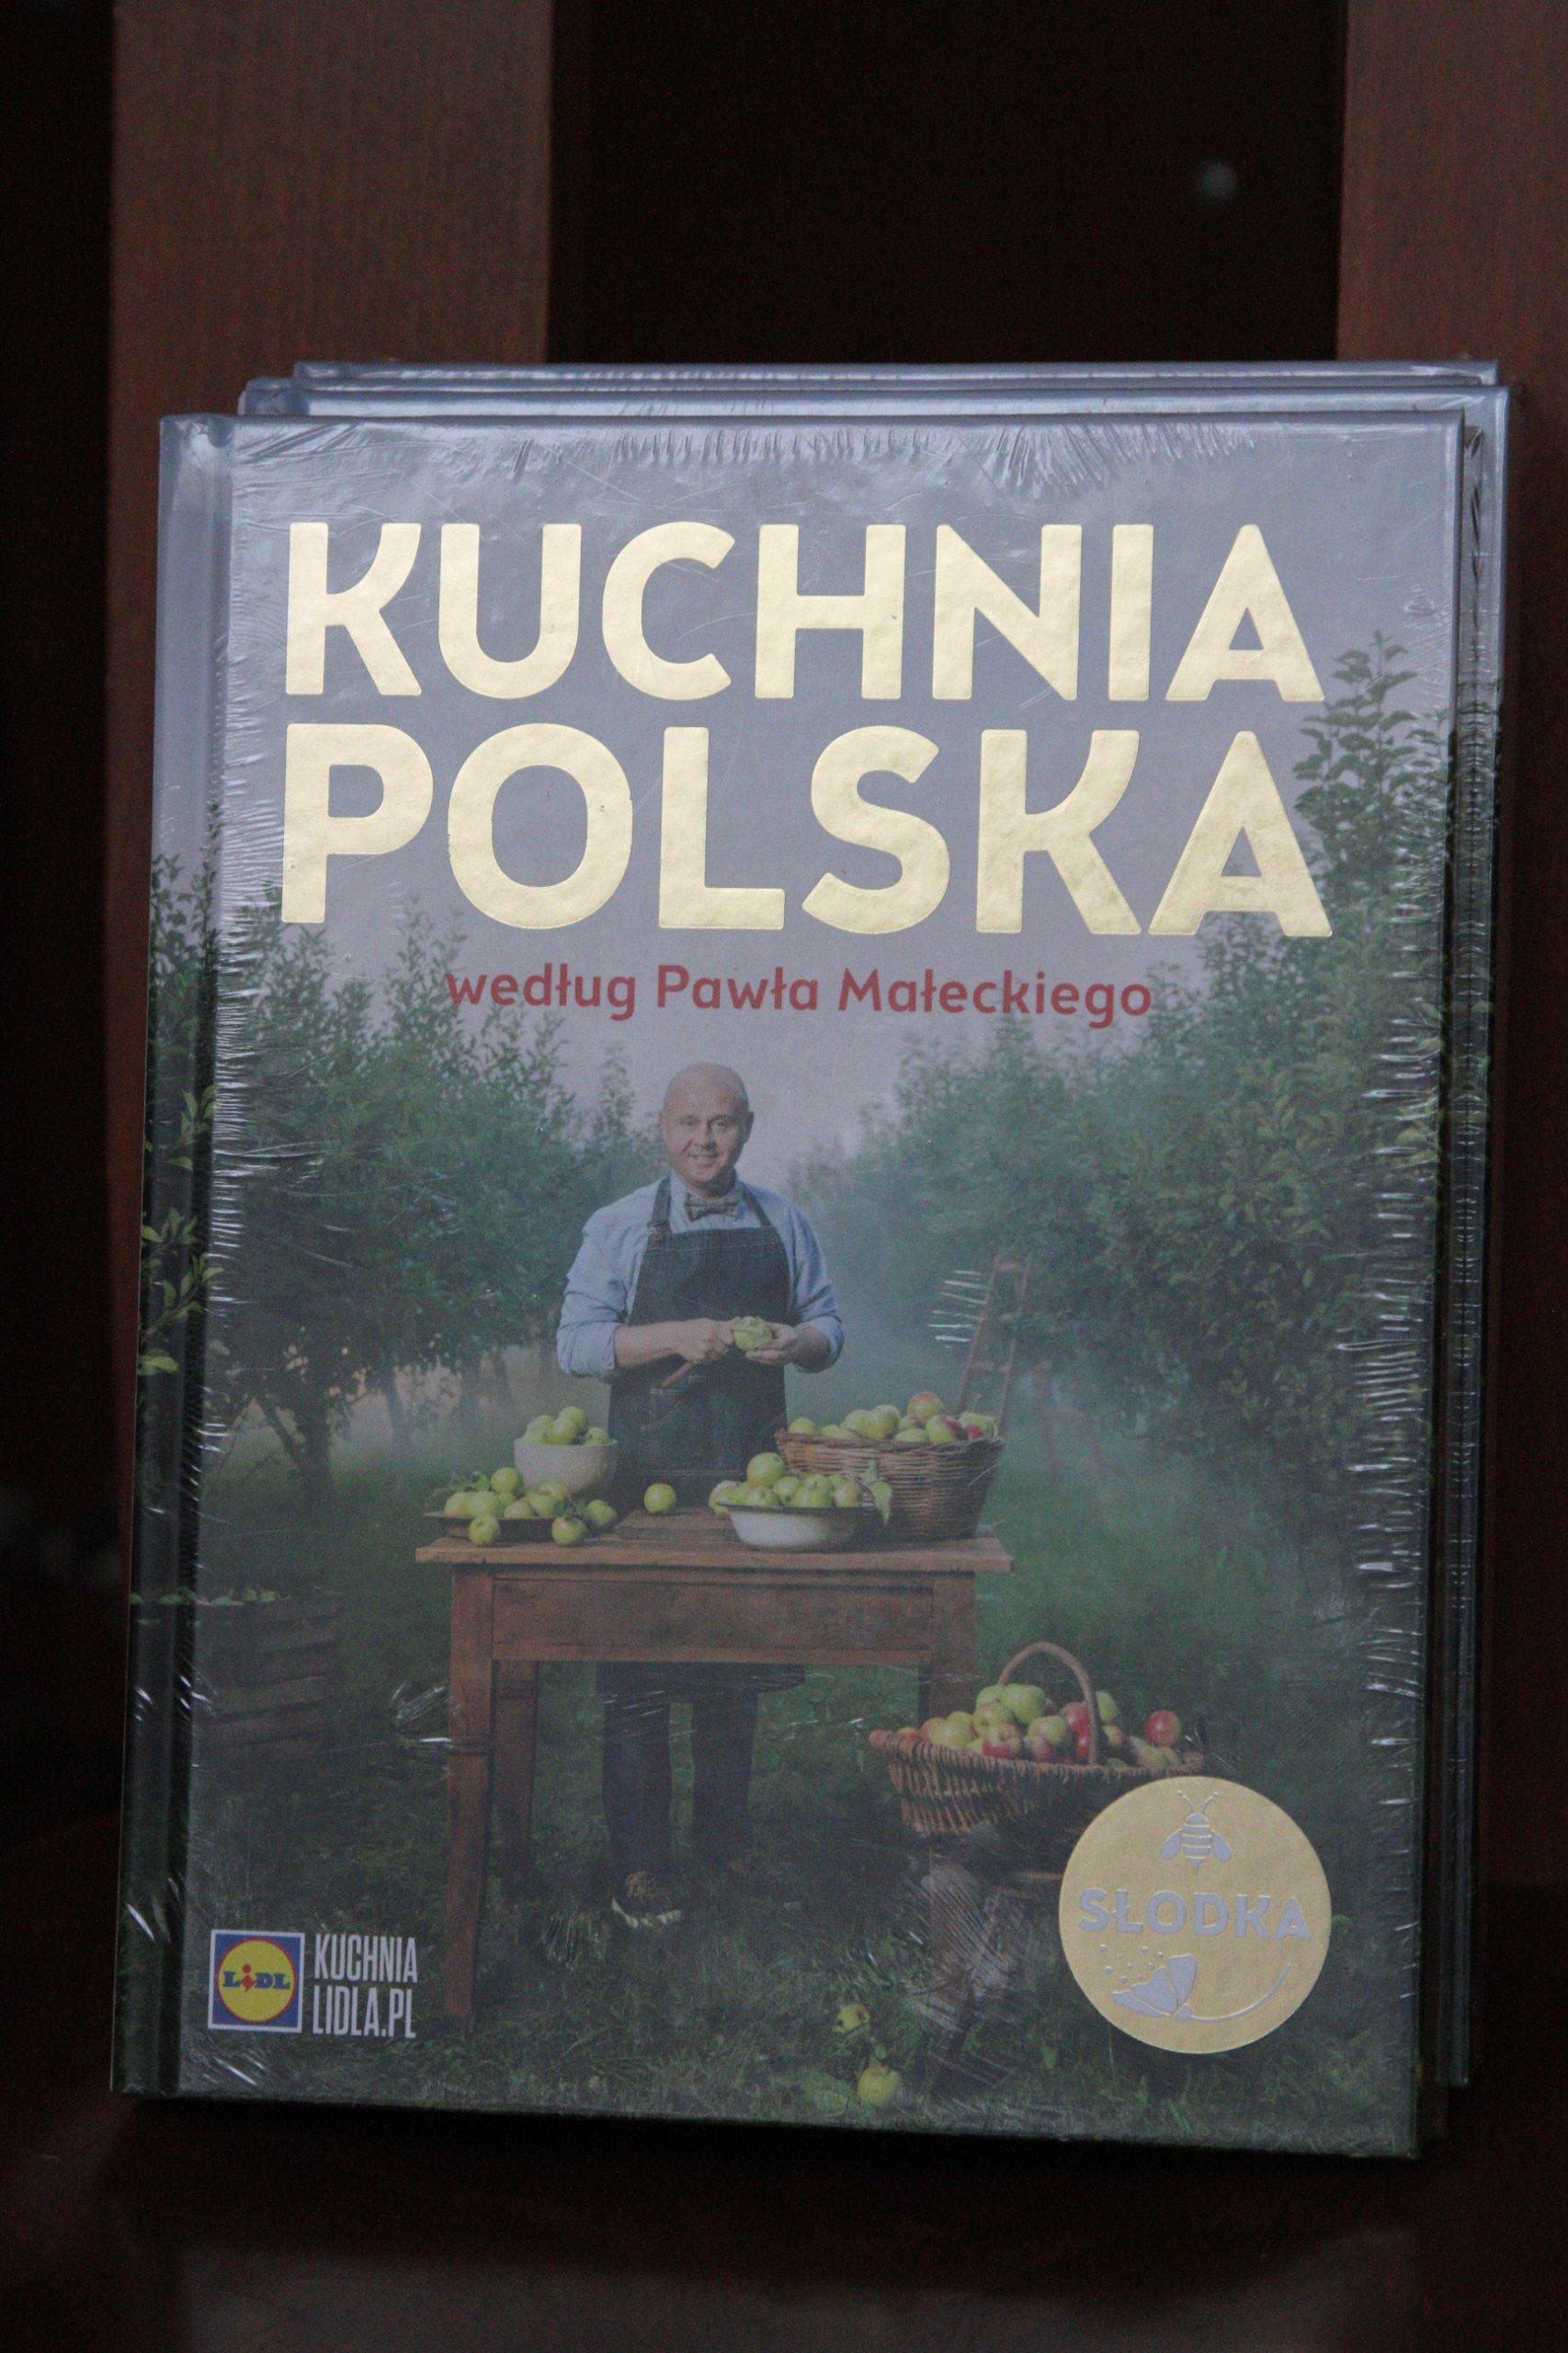 Lidl Kuchnia Polska Według Pawła Małeckiego Słodka